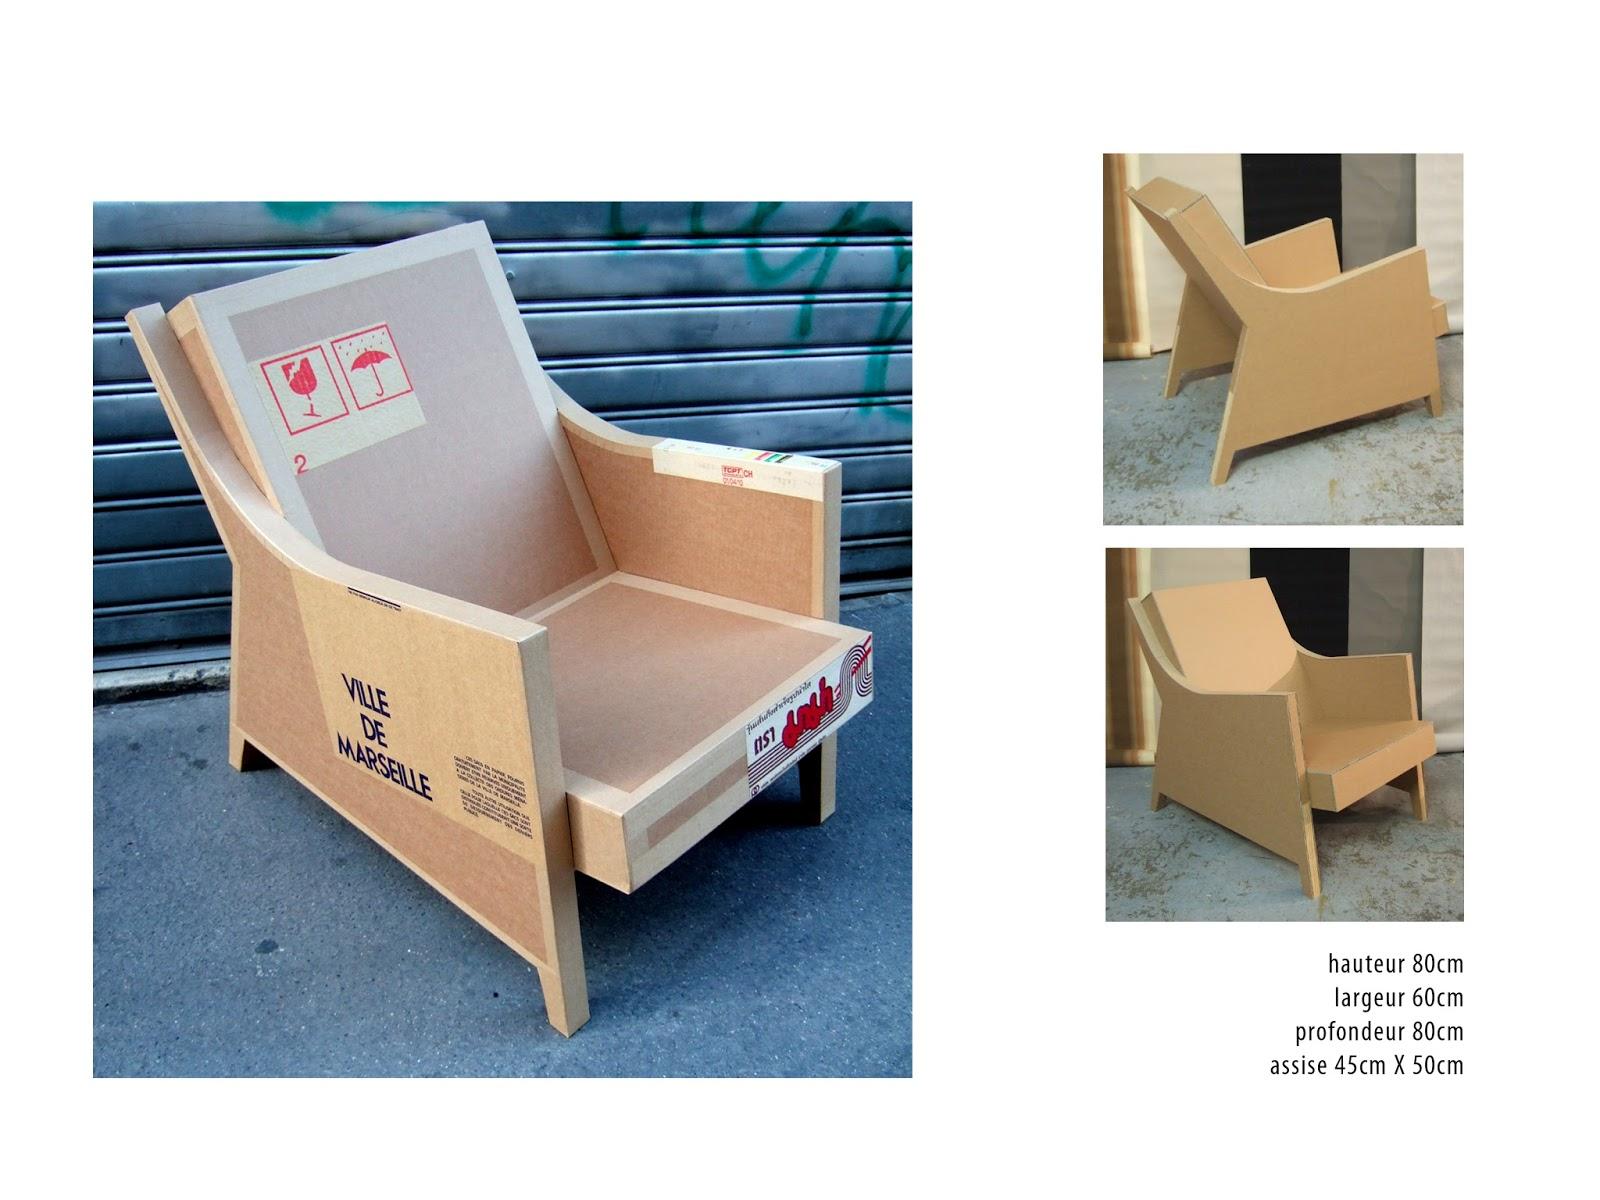 fauteuil en carton design sur mesure. fabriqué à marseille par juliadesign